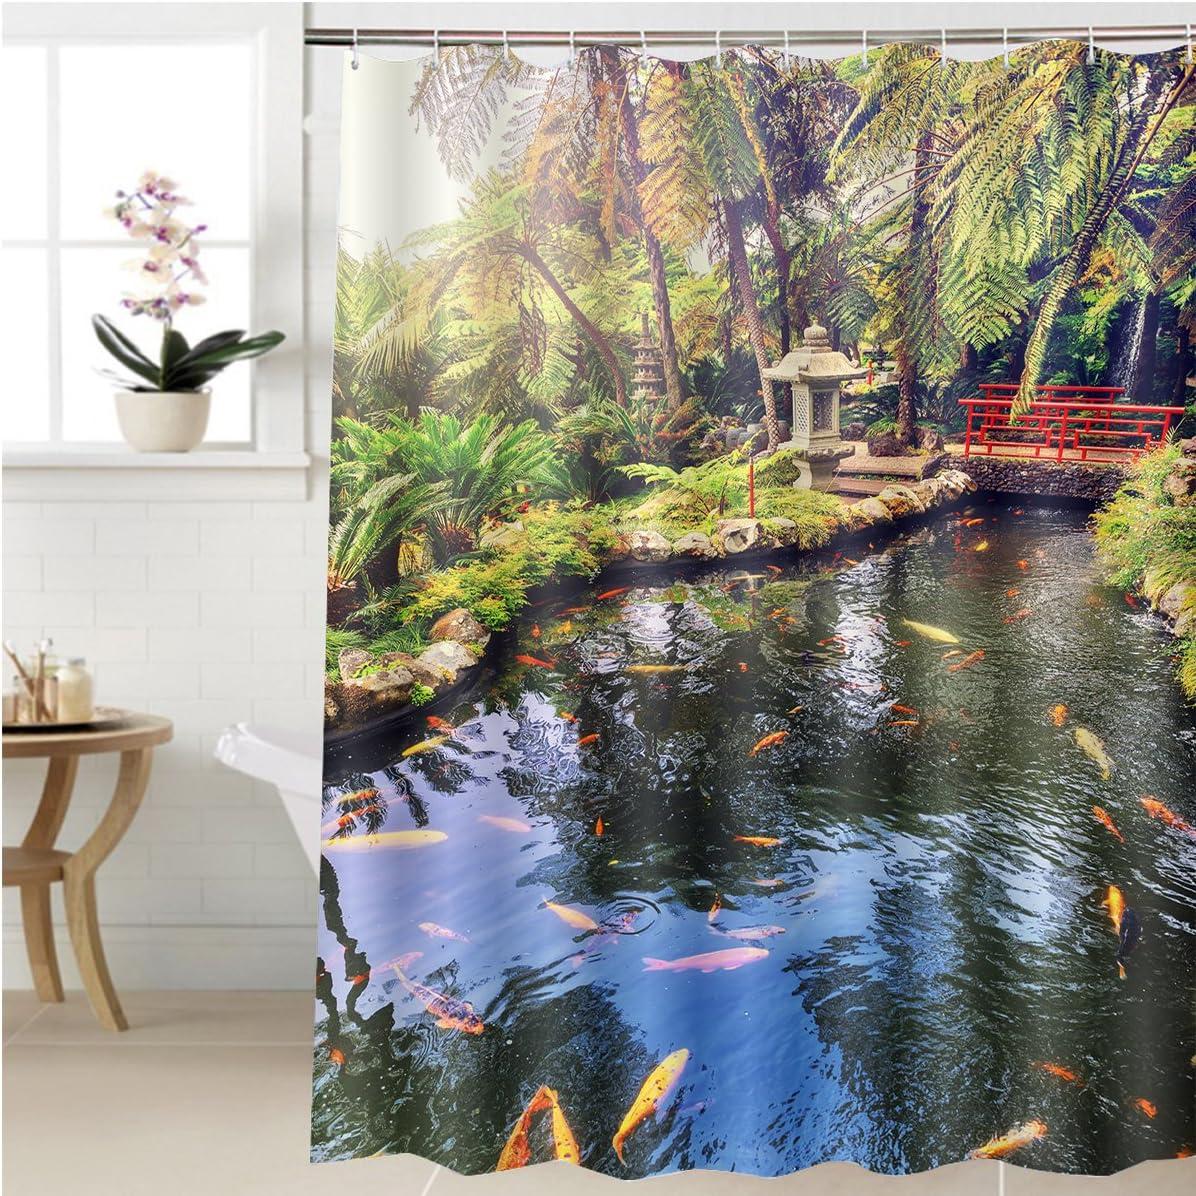 gzhihine cortina de ducha de jardín japonés con natación Koi estanque de peces en accesorios de baño 72 x 84 pulgadas: Amazon.es: Hogar